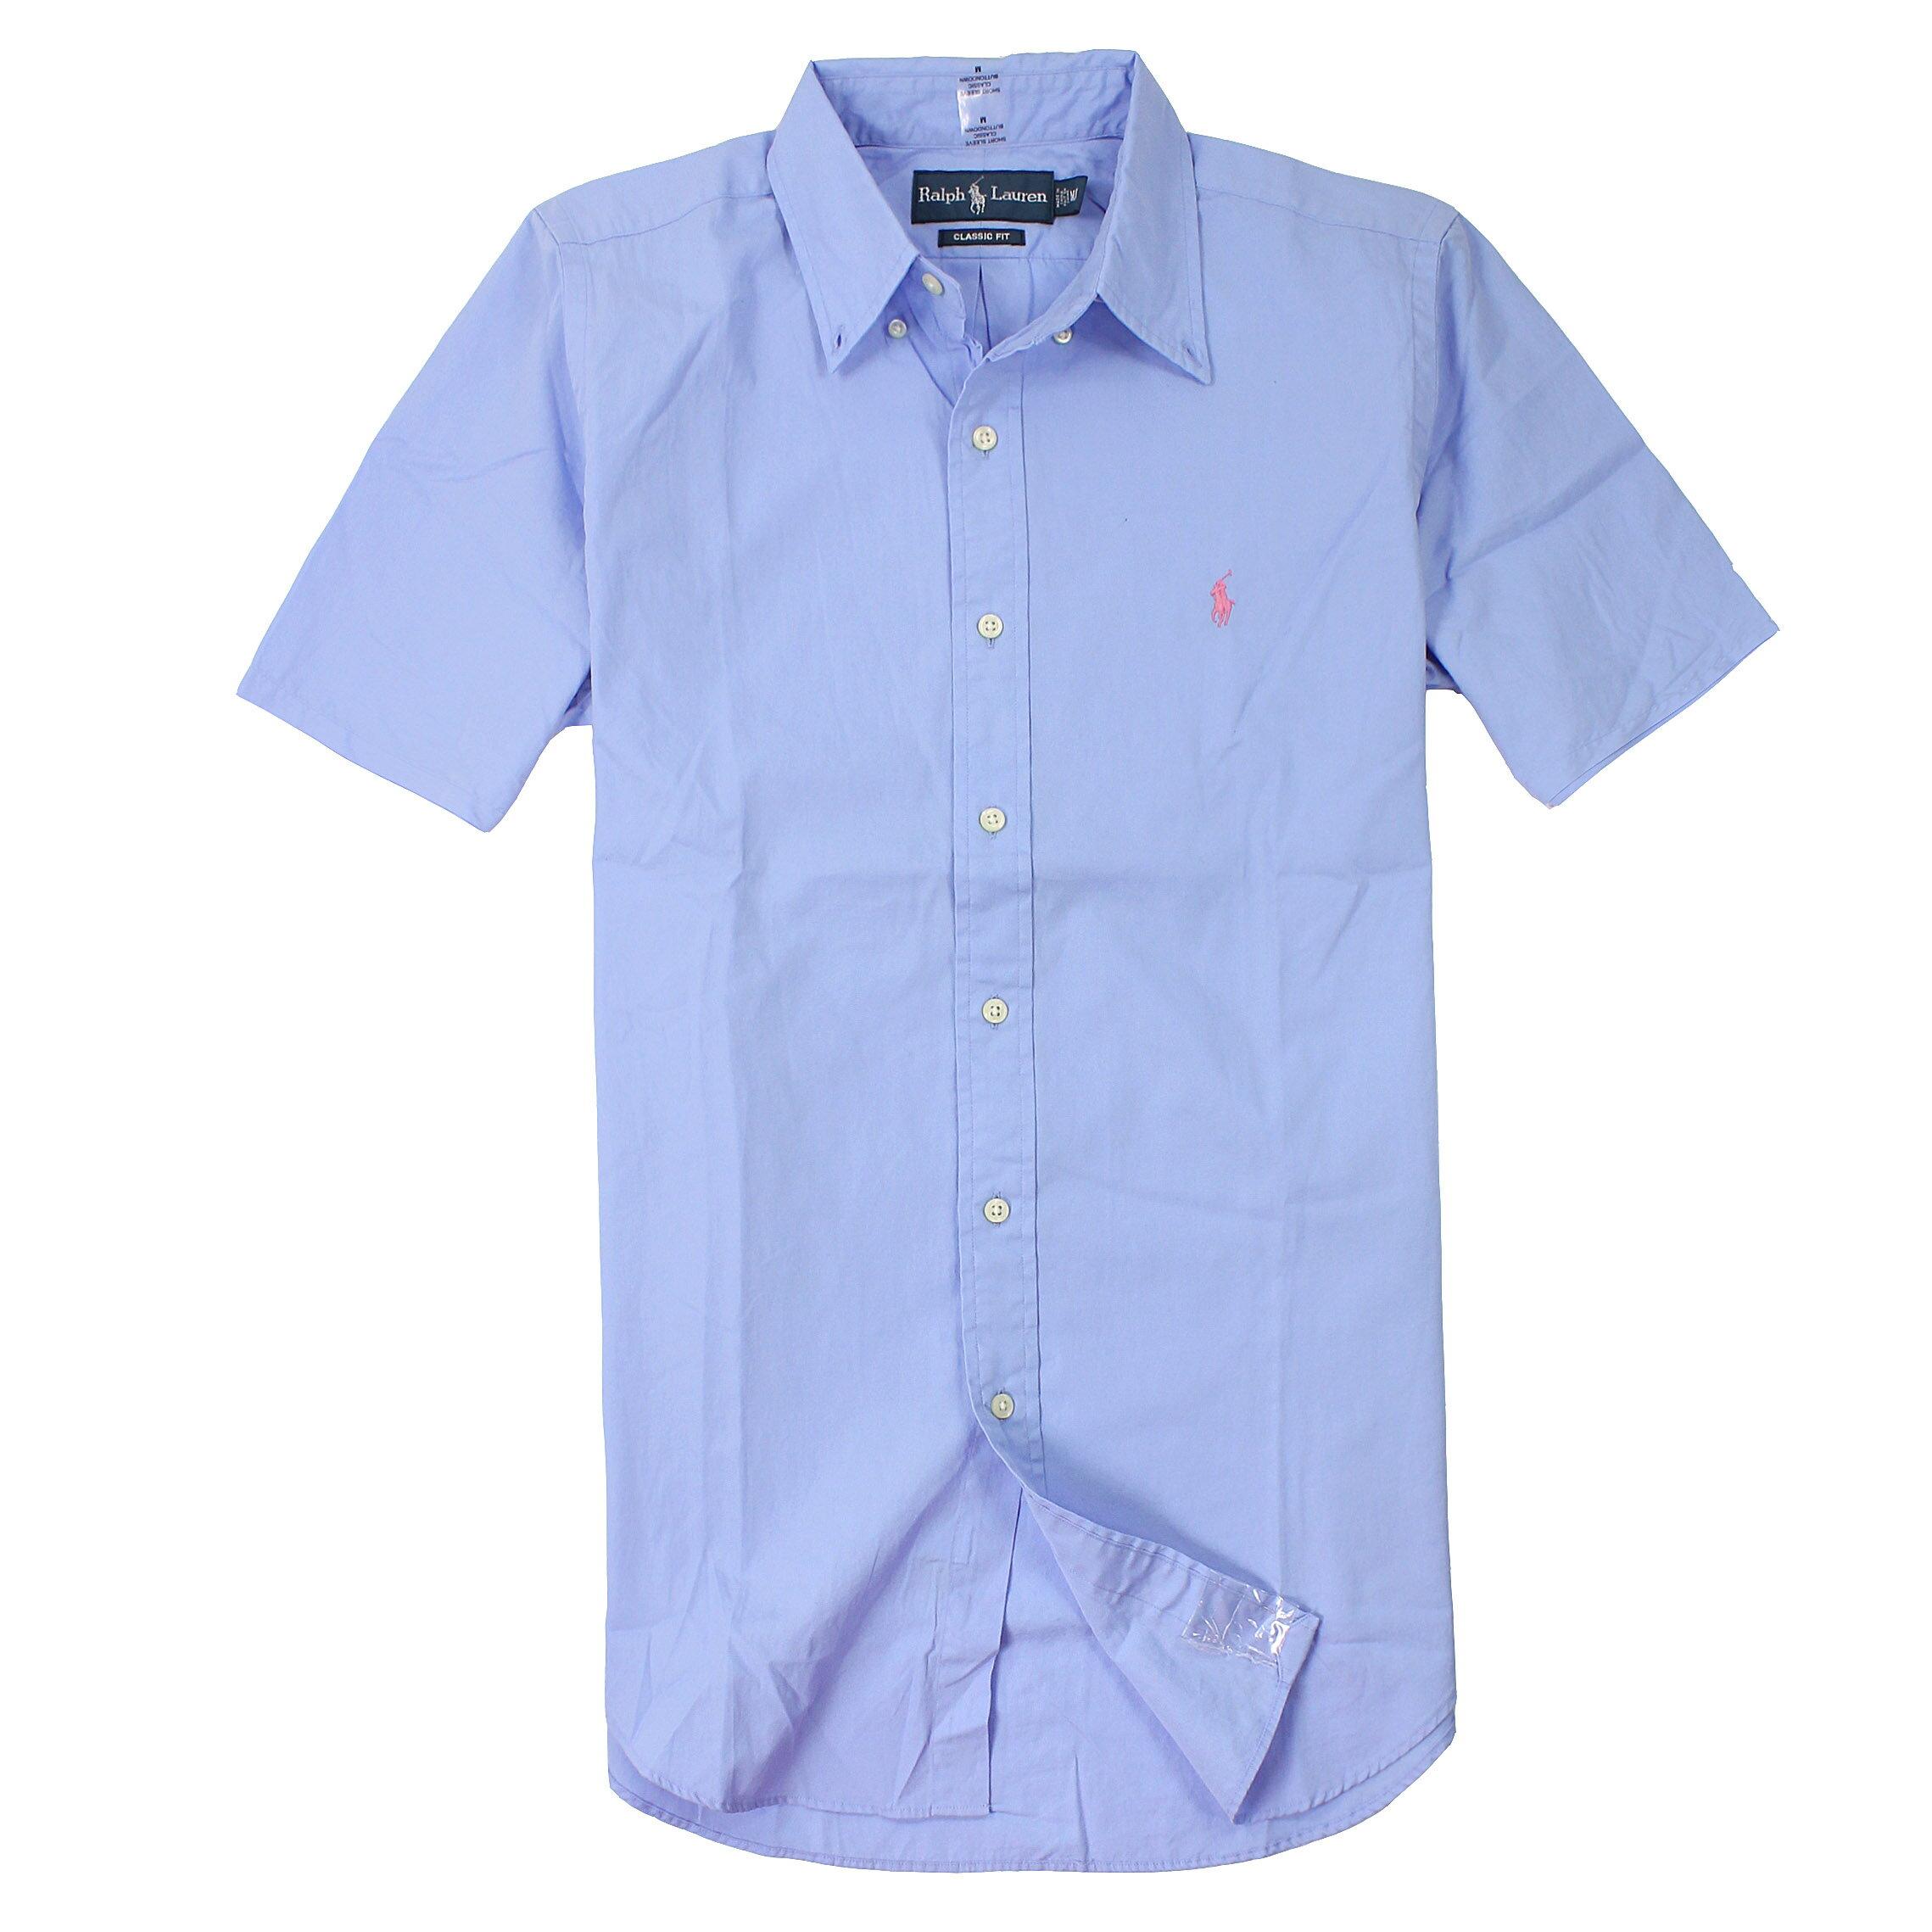 美國百分百【全新真品】Ralph Lauren 襯衫 RL 短袖 Polo 小馬 天藍 素面 Logo 口袋 純棉 男 M XL XXL